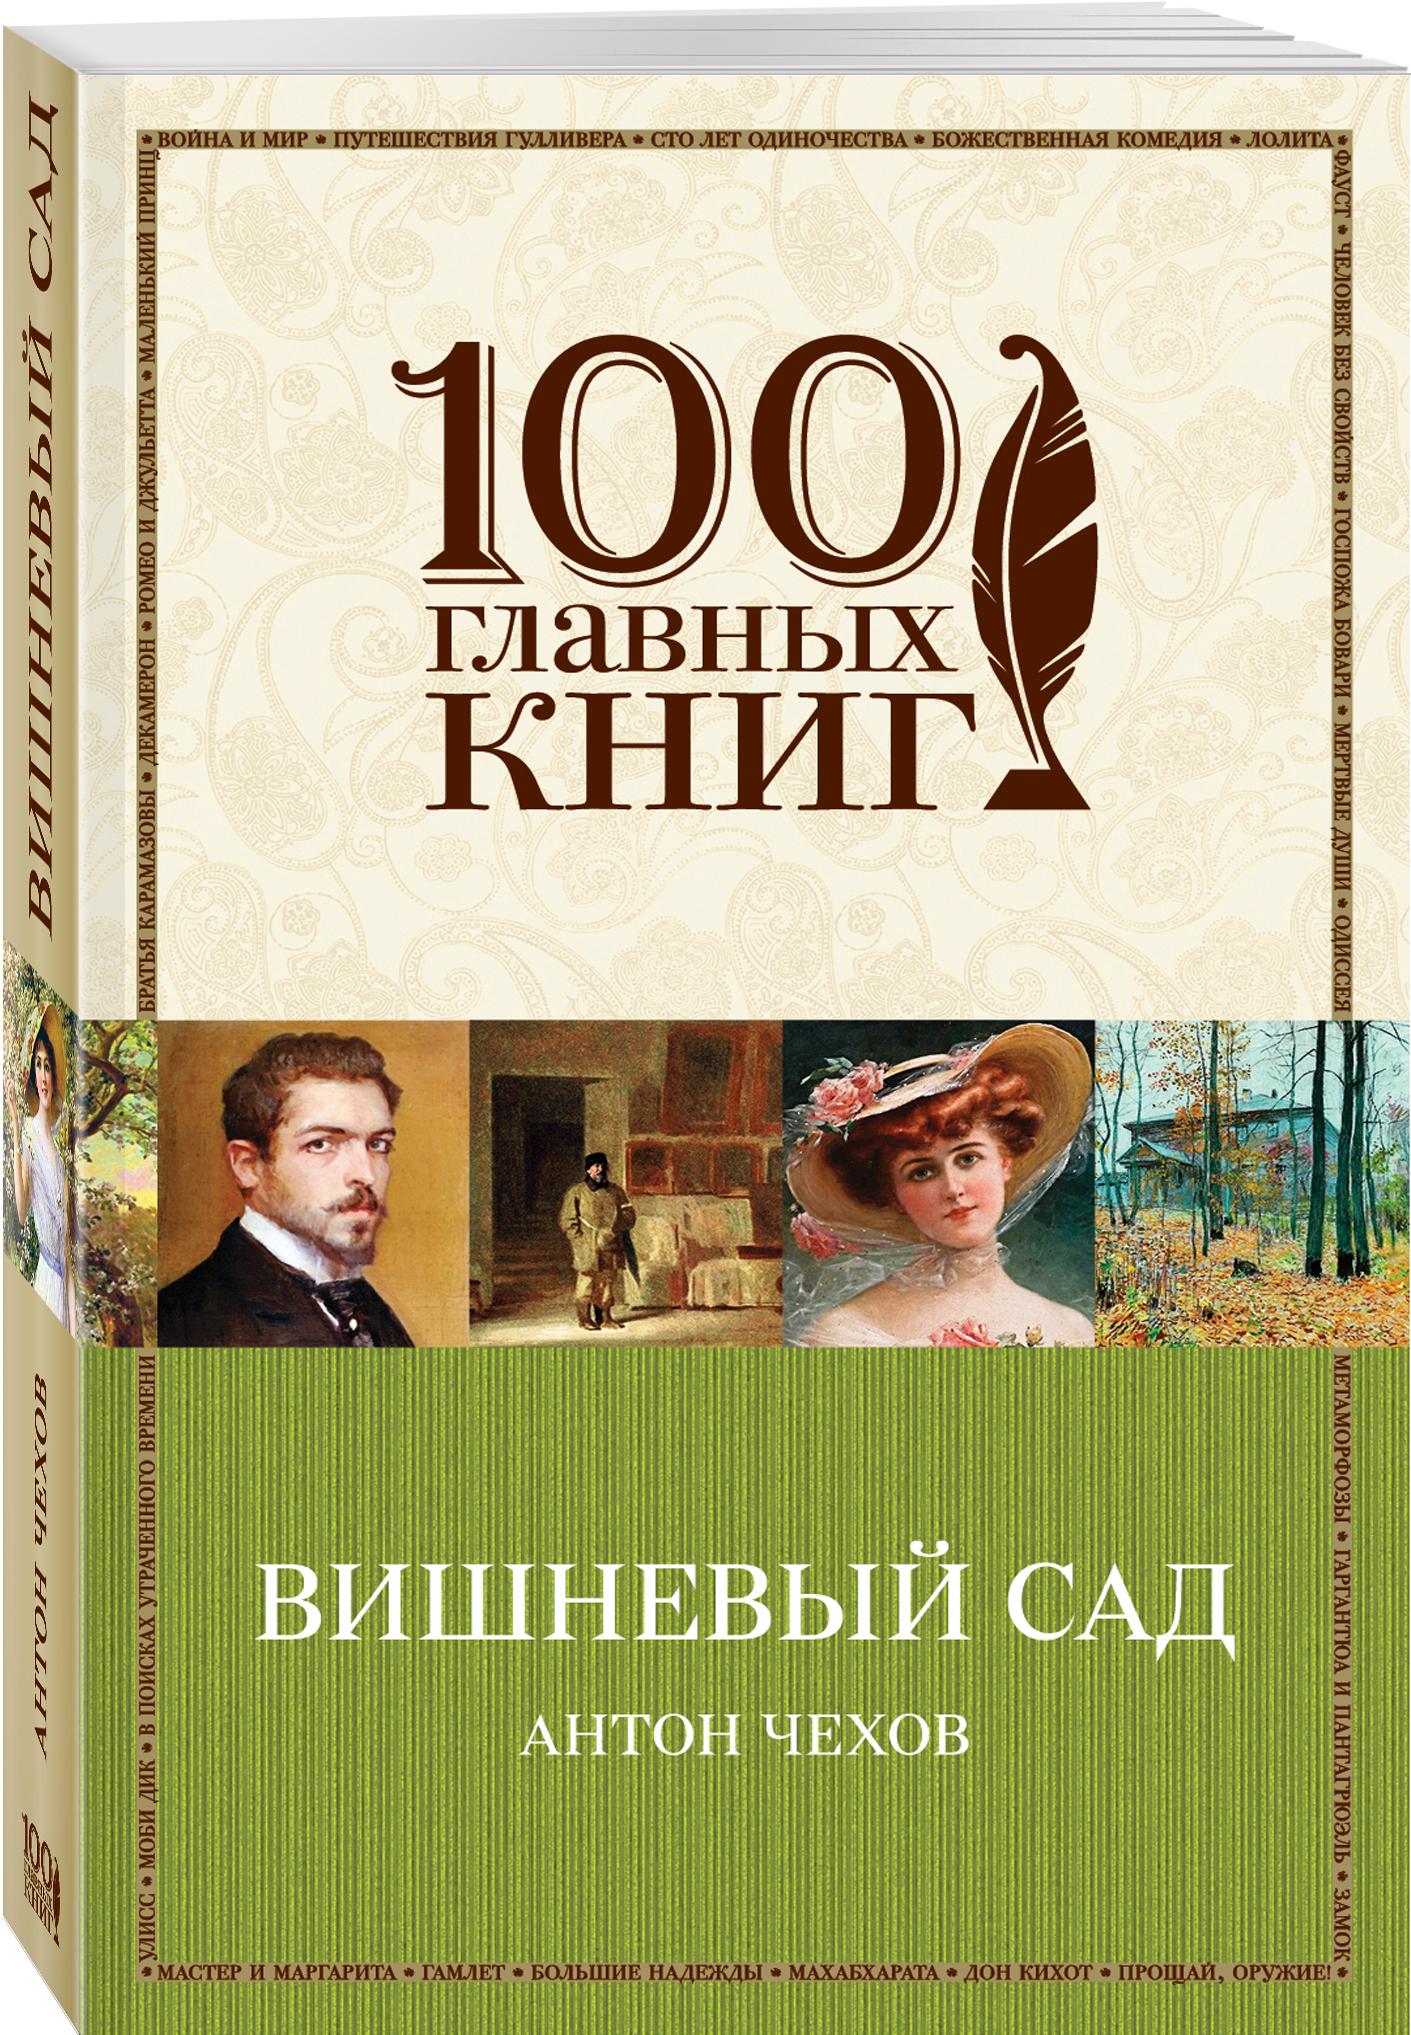 Антон Чехов Вишневый сад антон чехов жизнь прекрасна